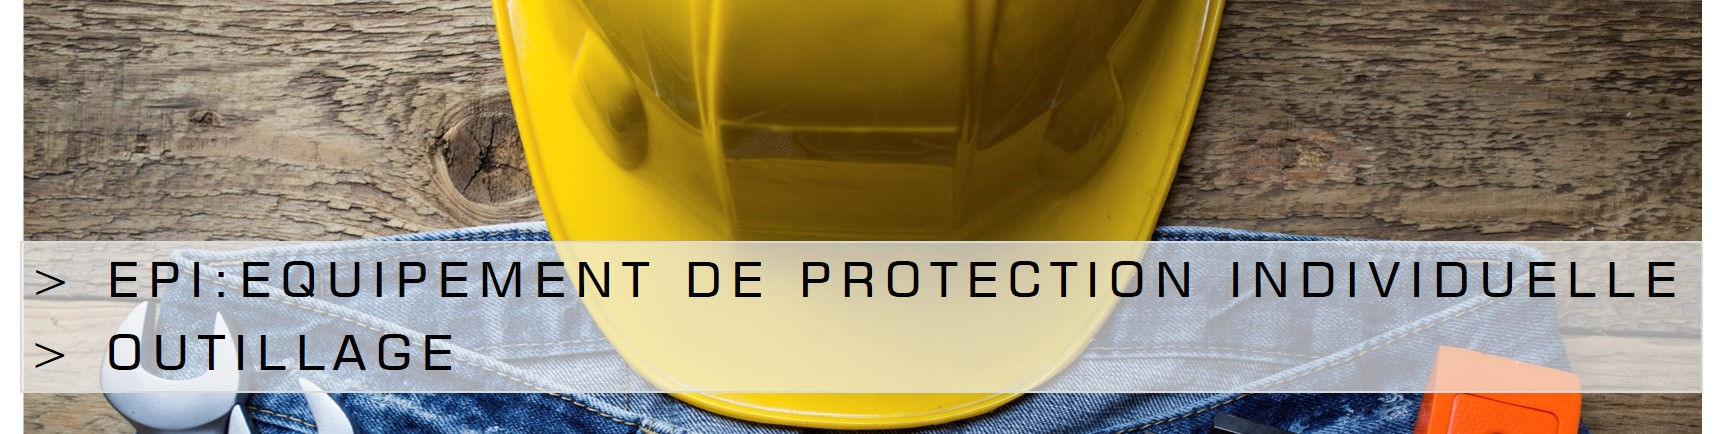 EPI : Equipement de protection individuelle et outillage